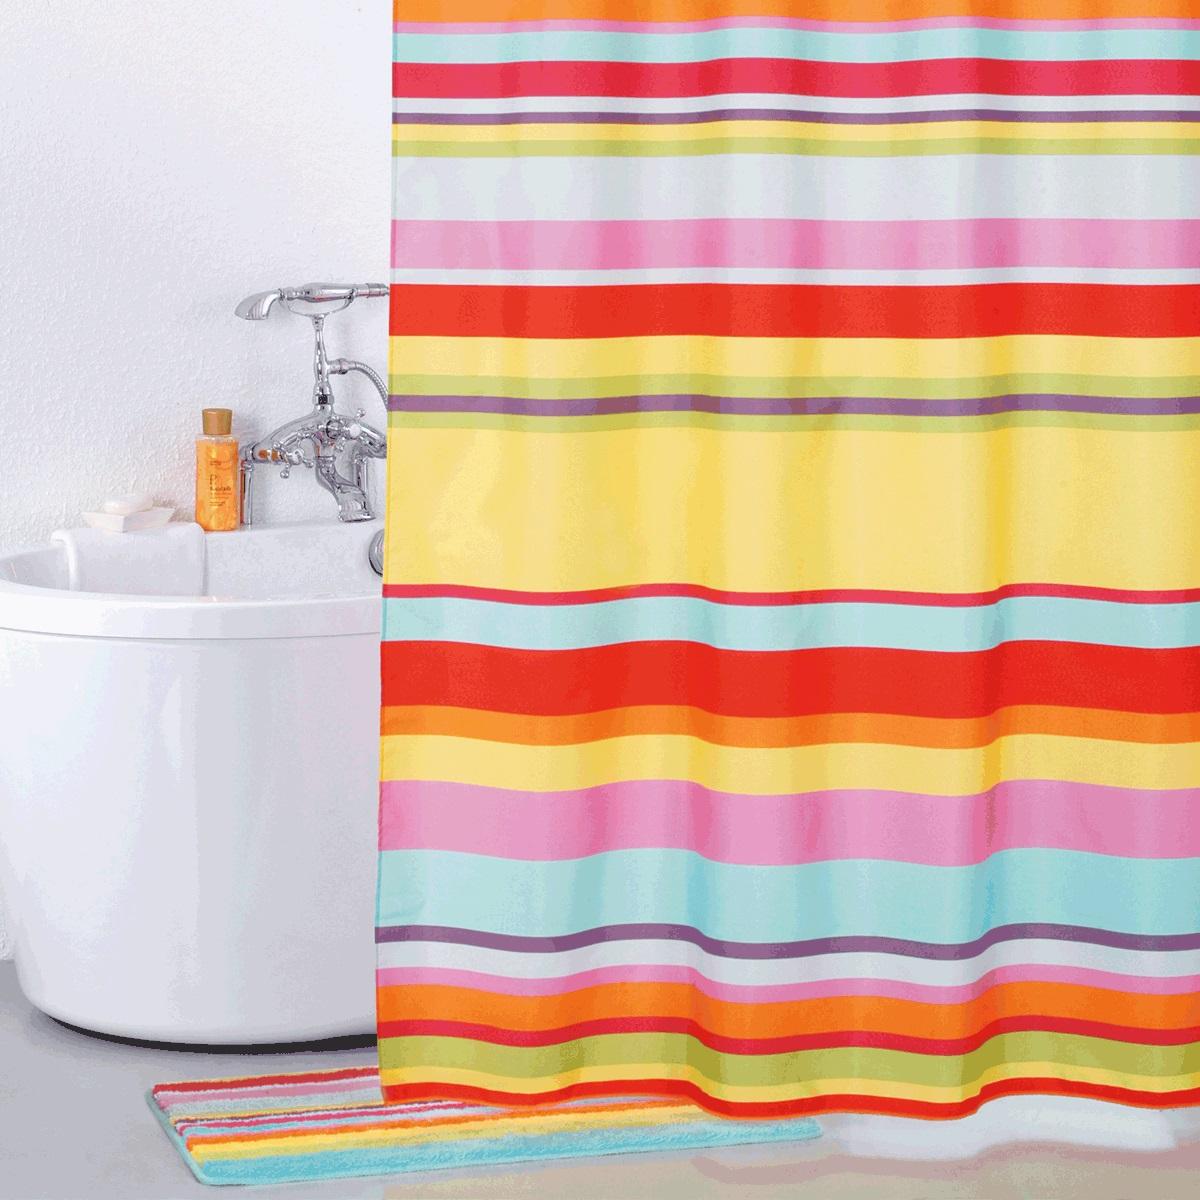 Штора для ванной Iddis Summer Stripes, цвет: мультиколор, 200 x 200 см штора для ванной iddis blue butterfly цвет голубой 200 x 200 см